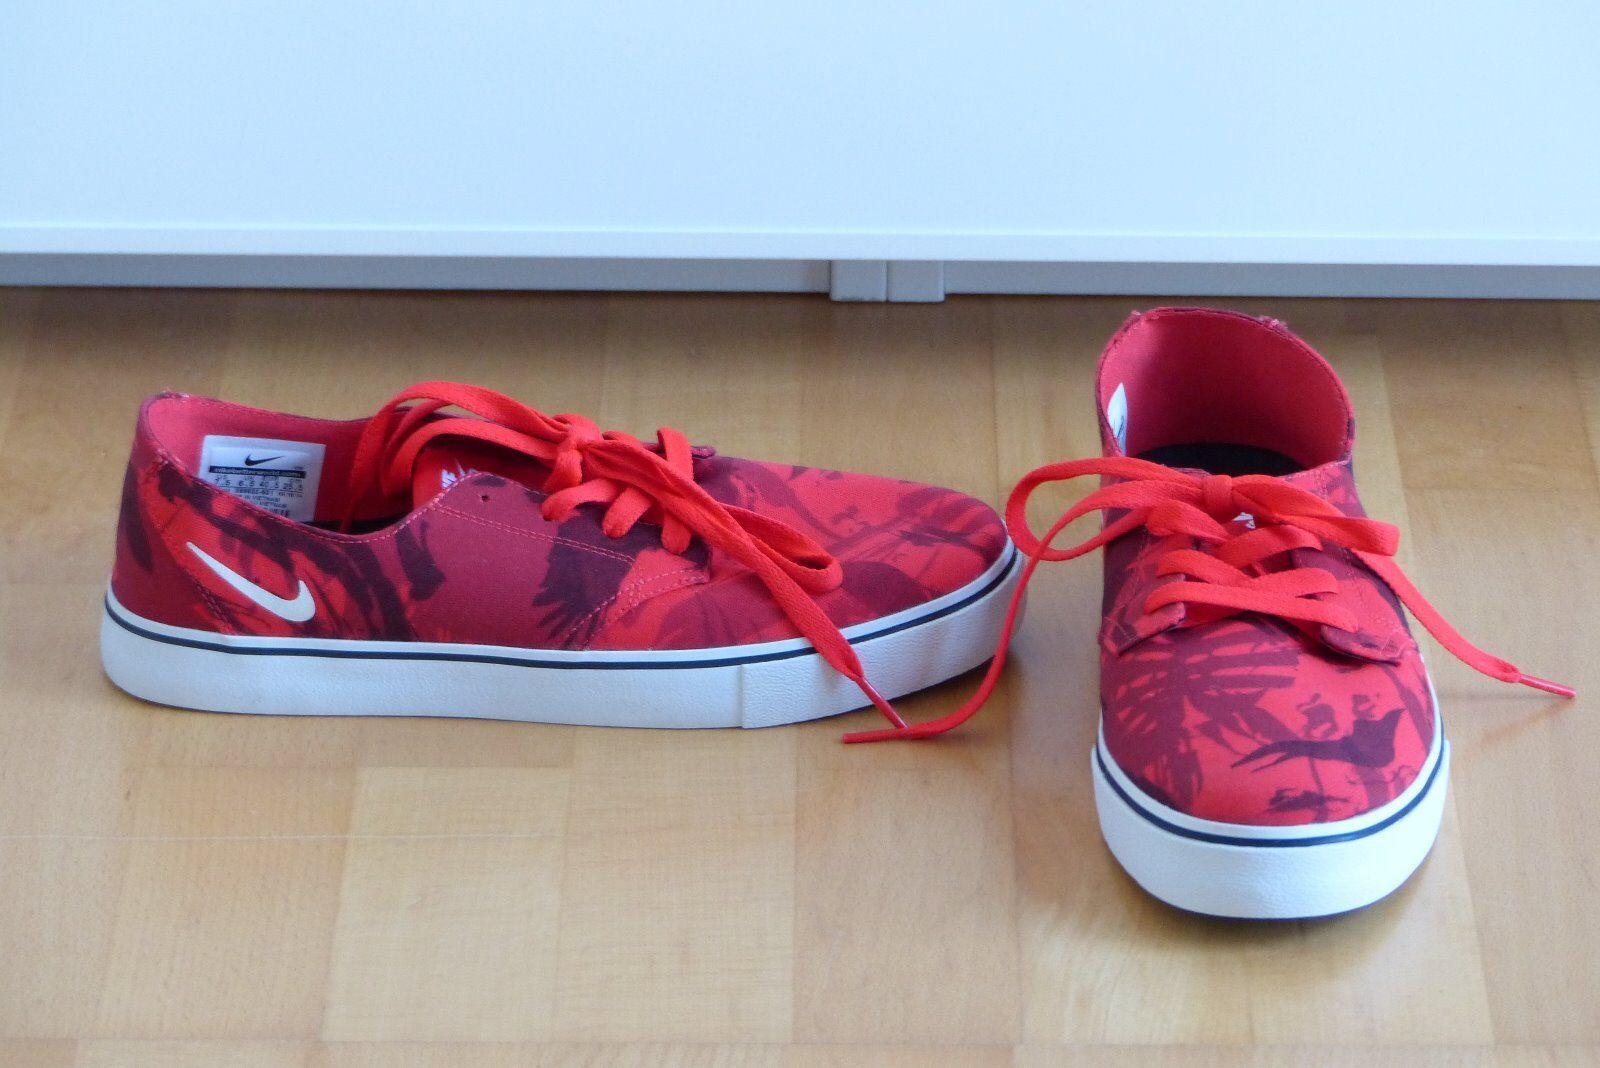 Nike Zapatillas zapatillas de de de deporte rojo UE 40.5 UK 6.5  Venta en línea de descuento de fábrica